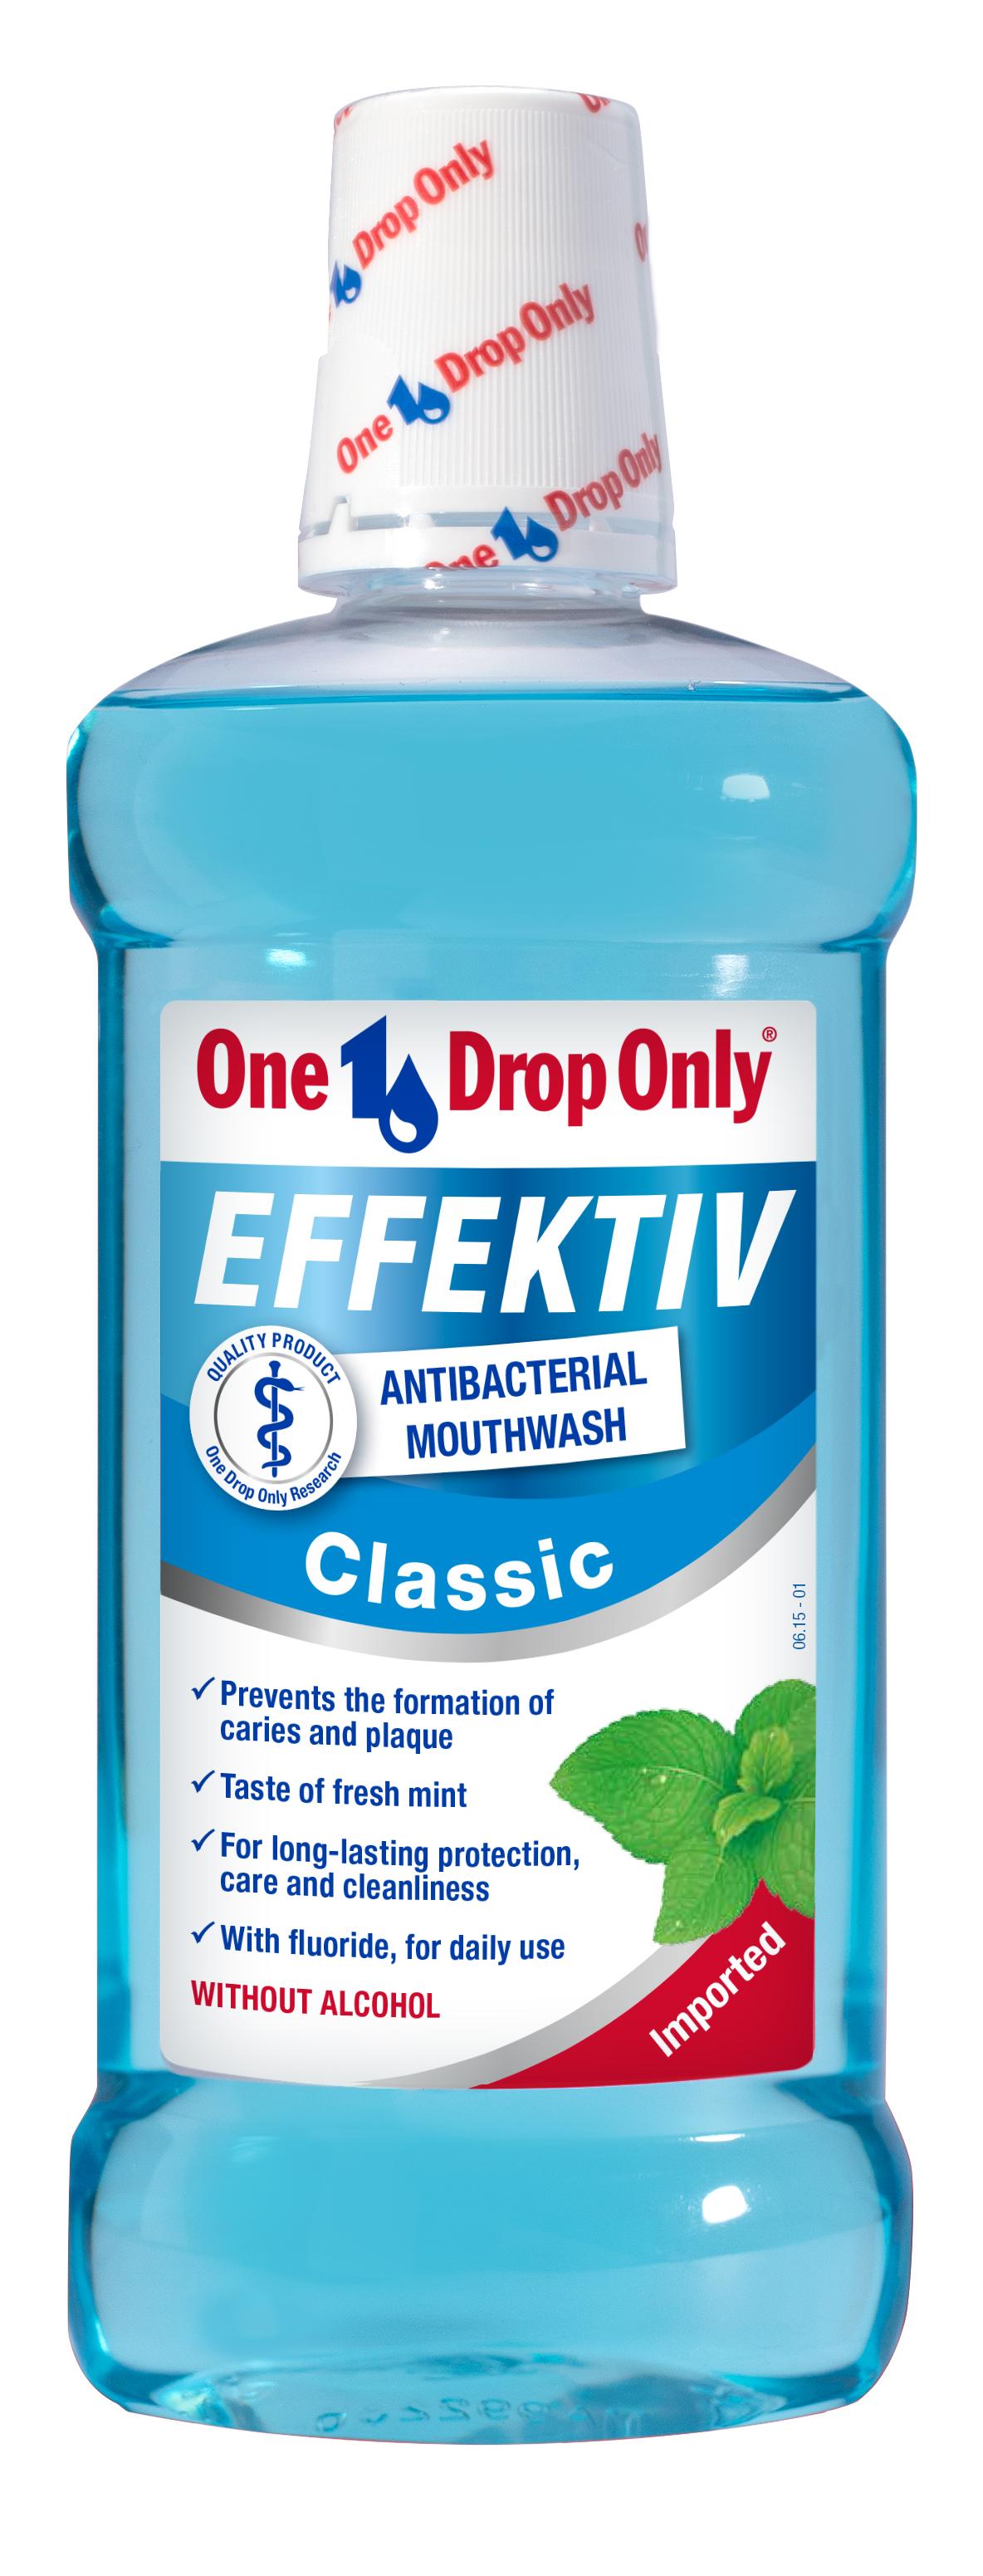 One Drop Only Effektiv Classic Антибактериальный ополаскиватель полости рта, 500 мл118Классический антибактериальный ополаскиватель полости рта